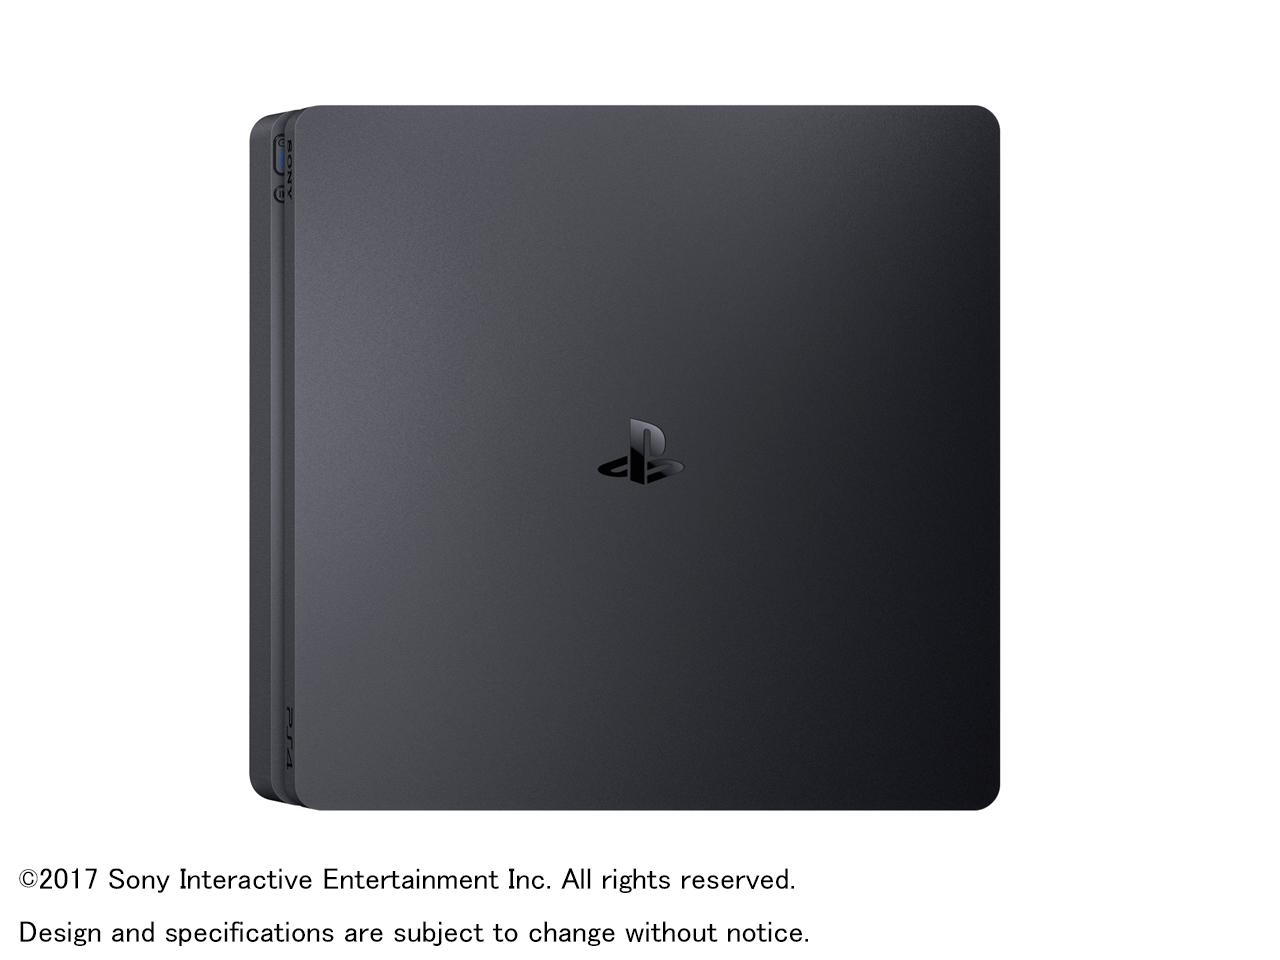 『本体 右側面1』 プレイステーション4 HDD 500GB ジェット・ブラック CUH-2100AB01 の製品画像